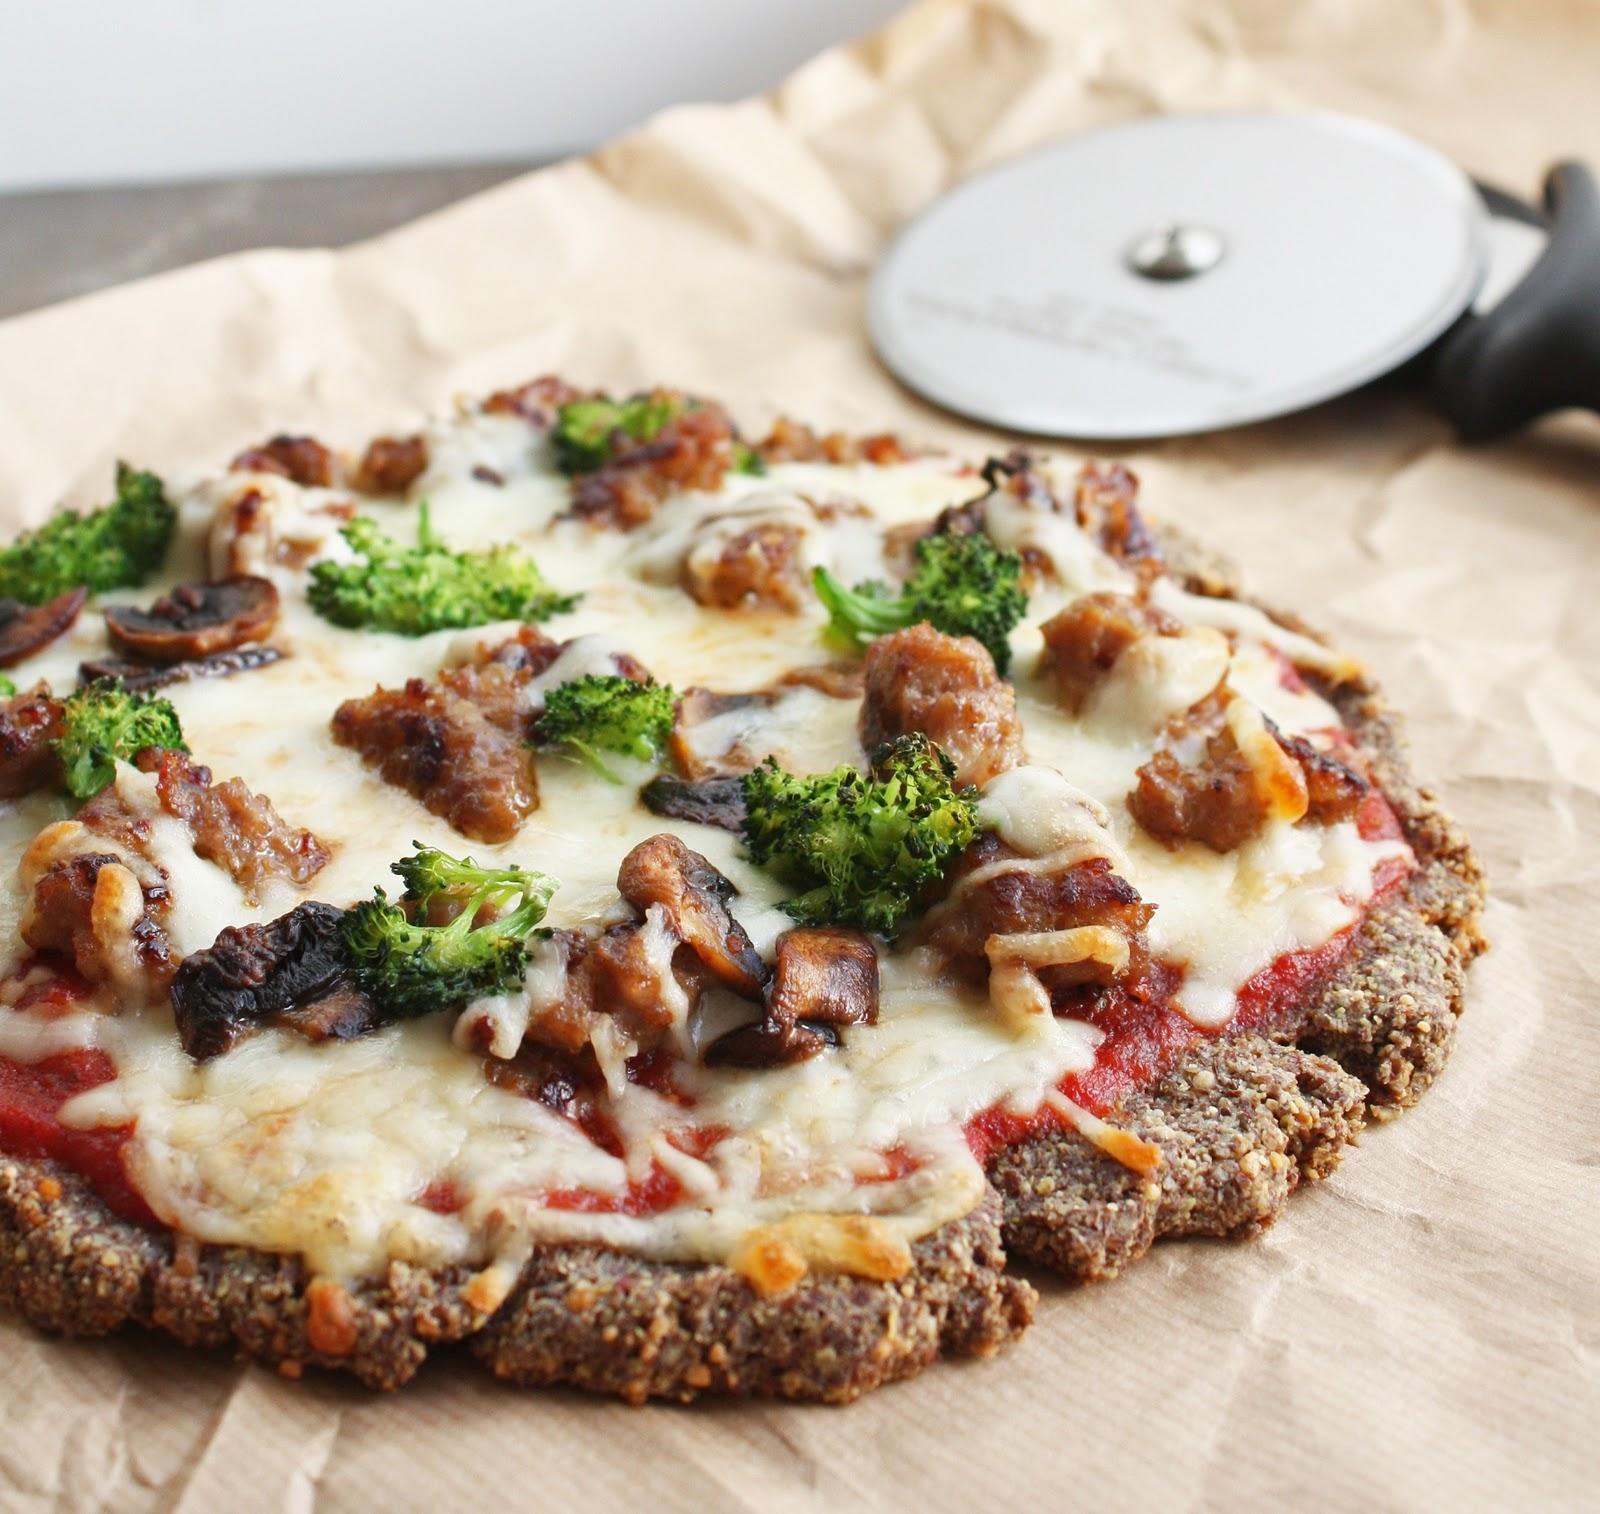 Low Carb Flax Parmesan Pizza Crust Gluten Free I Breathe I M